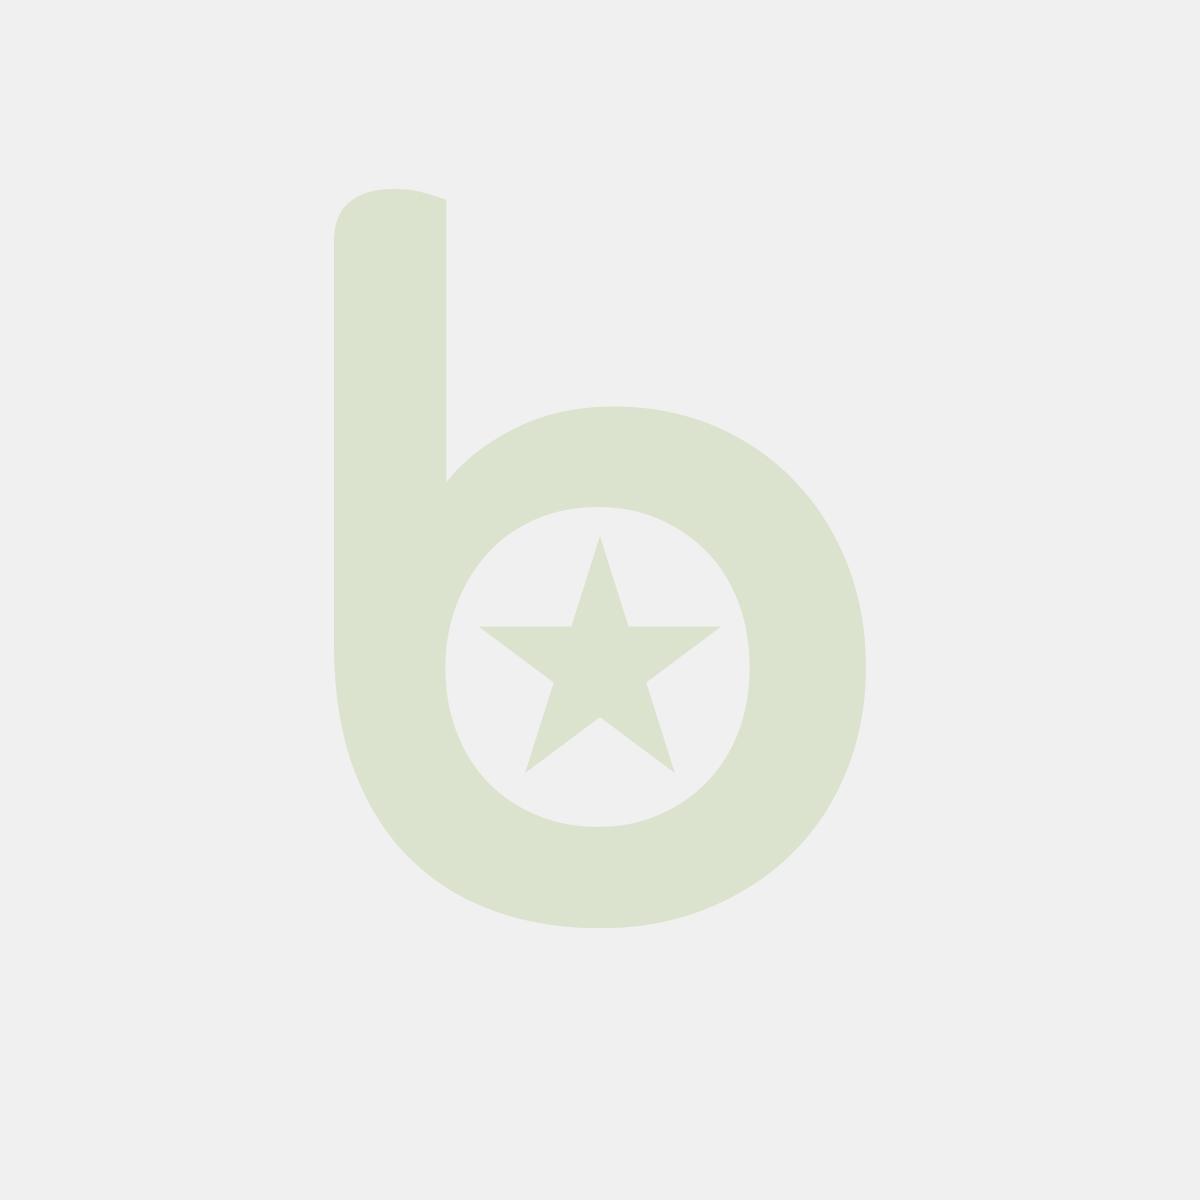 Pojemnik obiadowy do zgrzewu K 227/3, trójdzielny, czarno-biały 227x178x40, cena za opakowanie 50szt